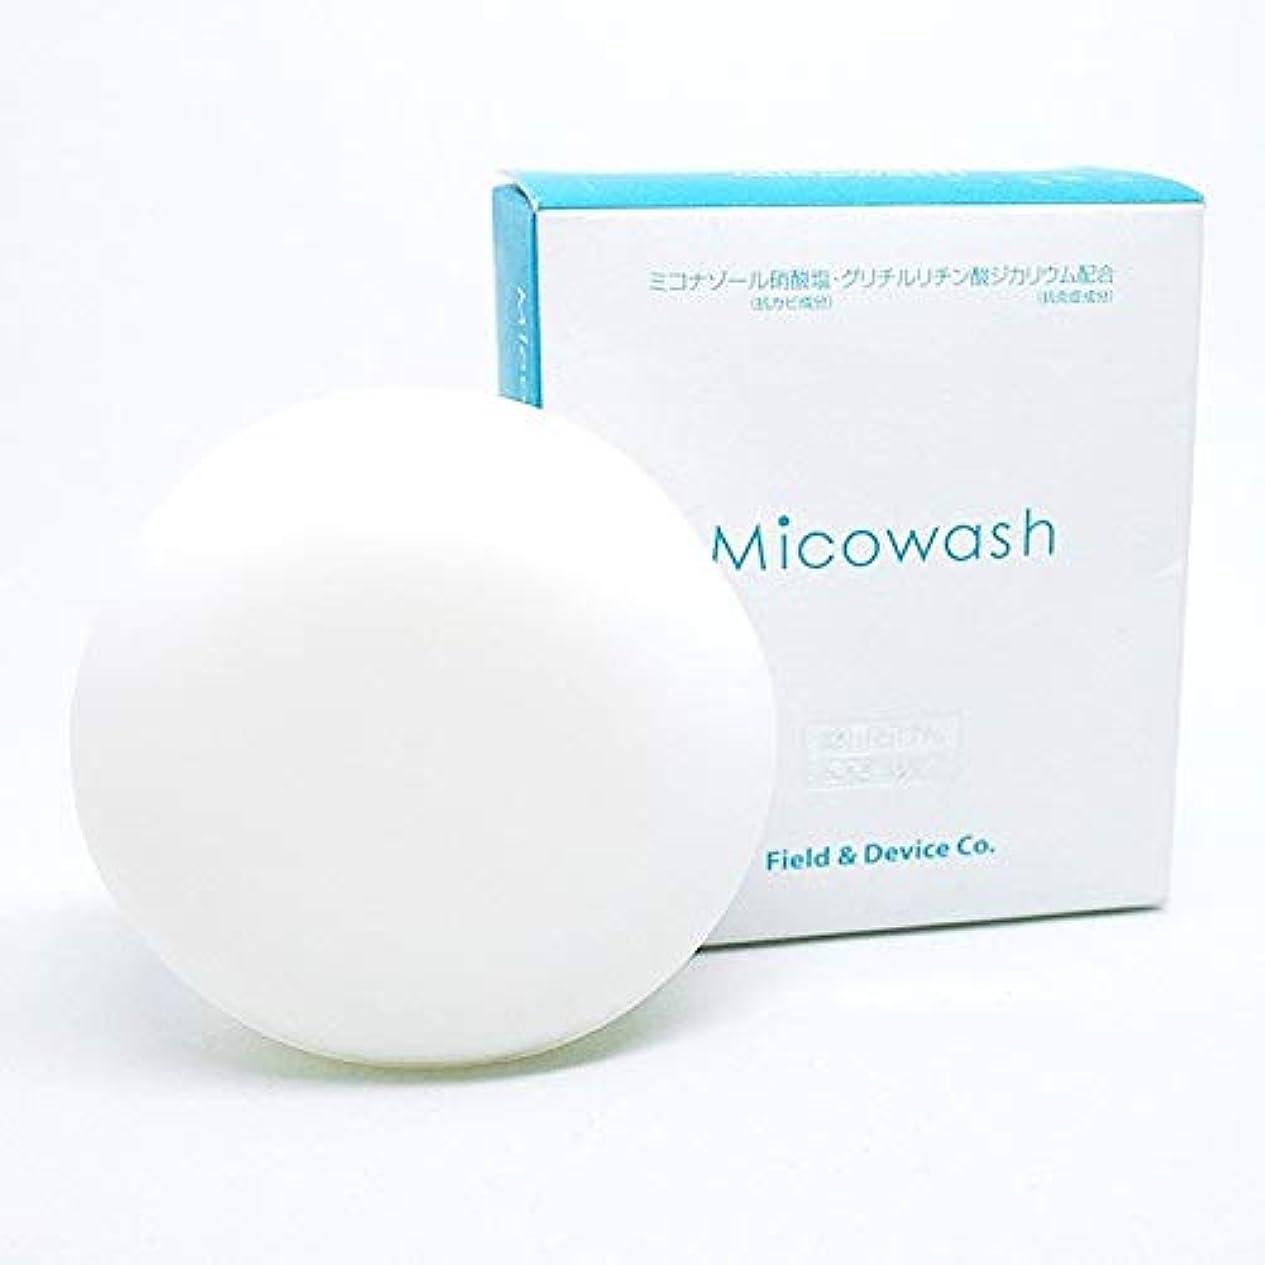 フェッチレンダリング授業料フィールドアンドデバイス Micowash ミコウォッシュ 100g 医薬部外品